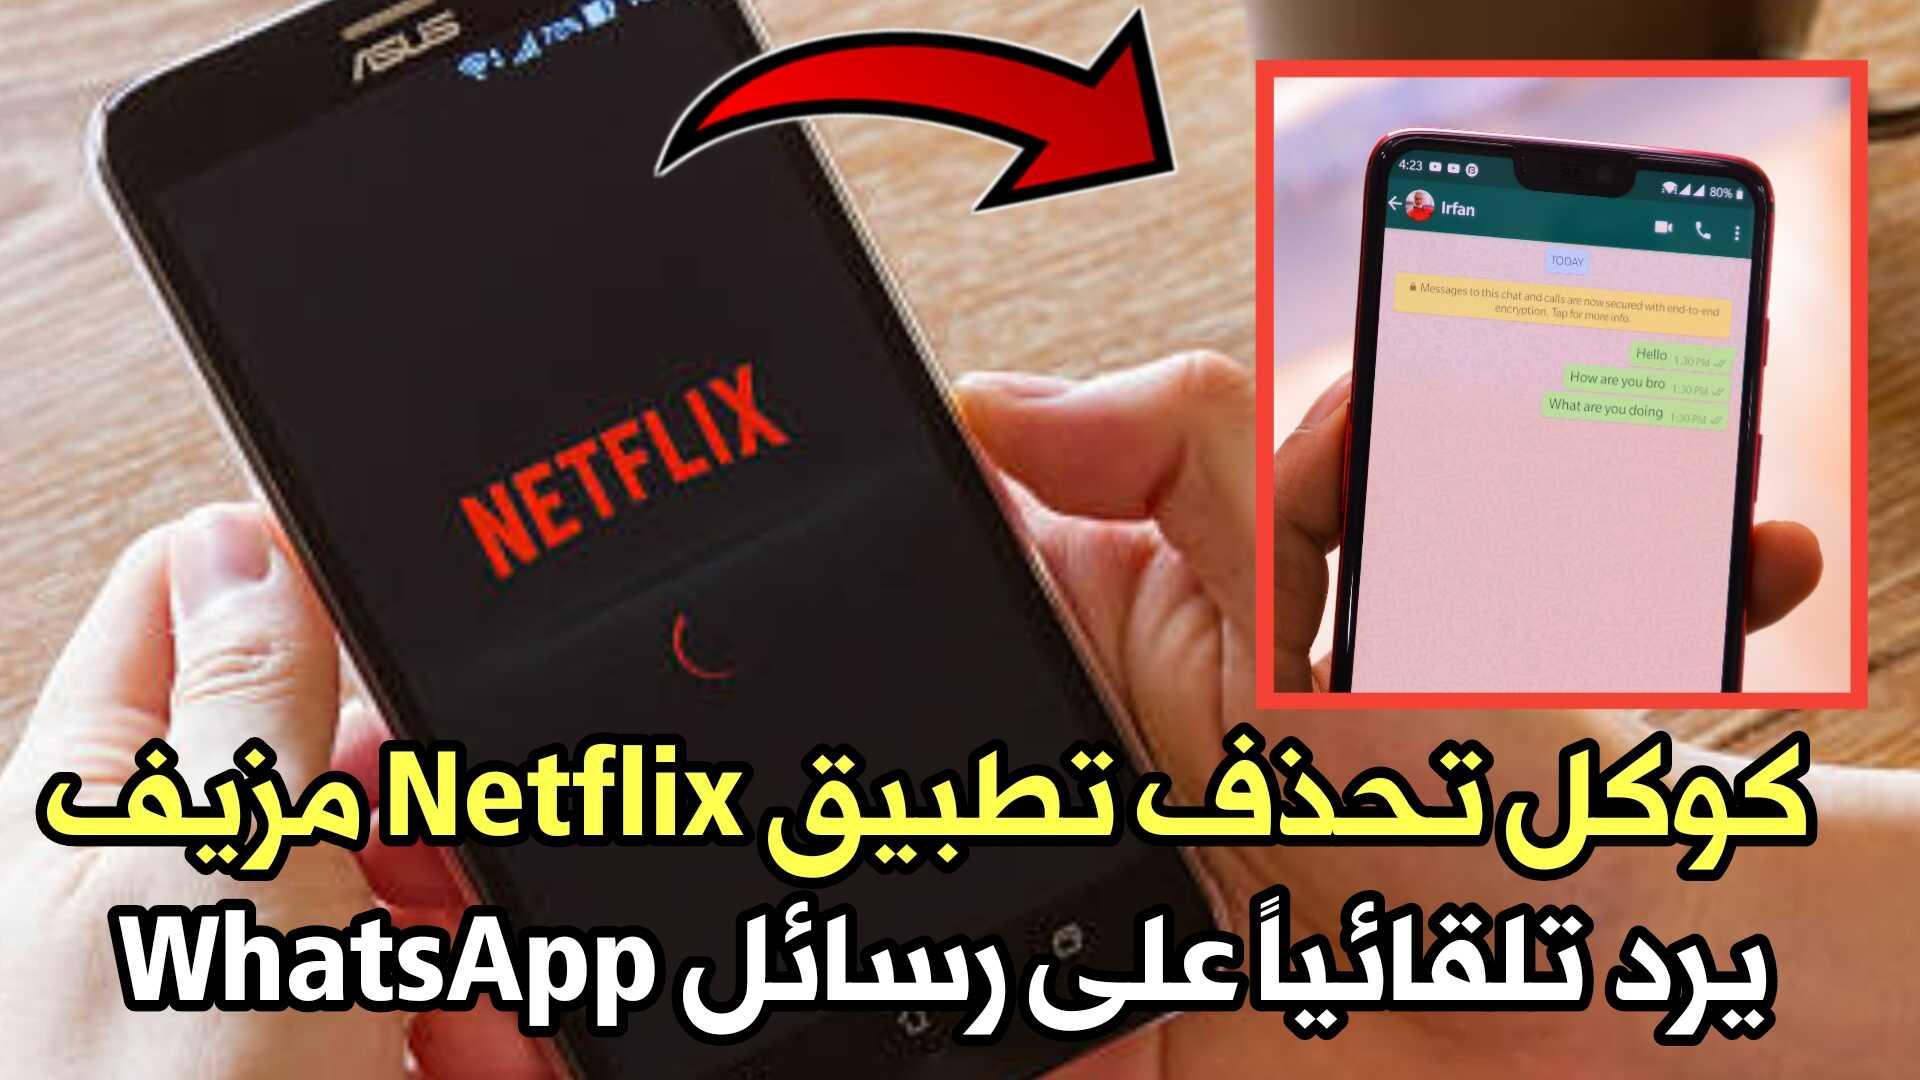 كوكل تحذف تطبيق Netflix مزيف يرد تلقائياً على رسائل WhatsApp